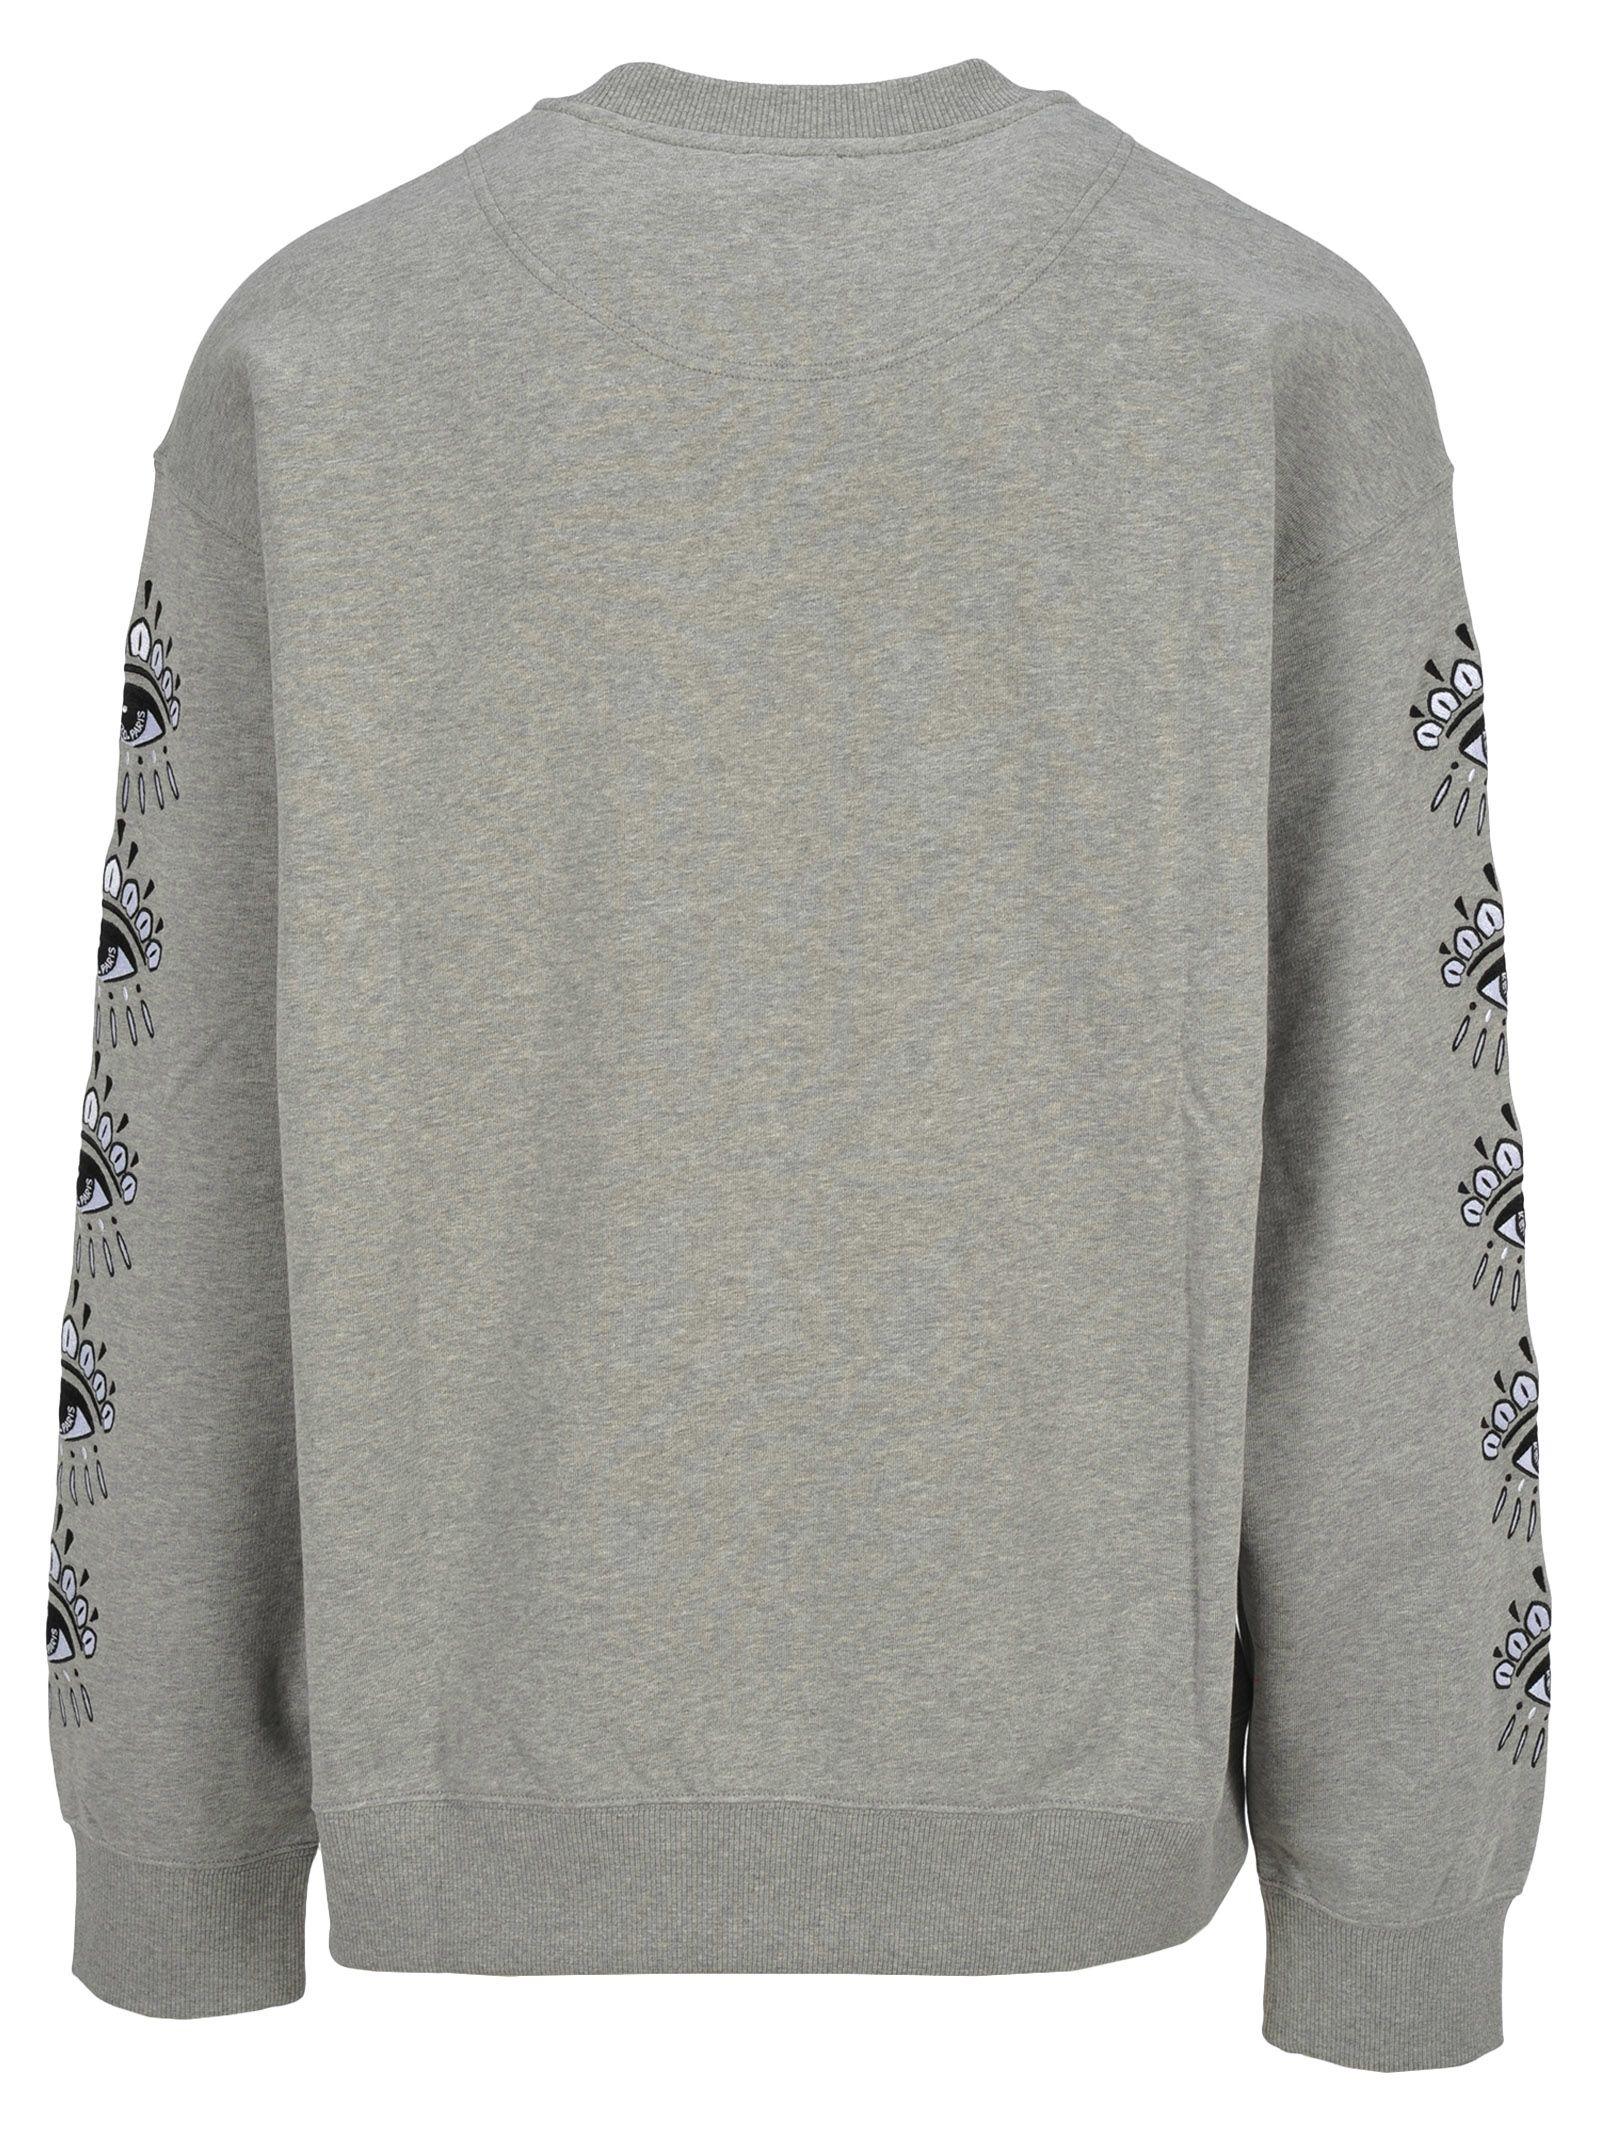 80701c6a8 Kenzo Kenzo Kenzo Embroidered Eye Sweatshirt - PEARL GREY - 10814701 ...